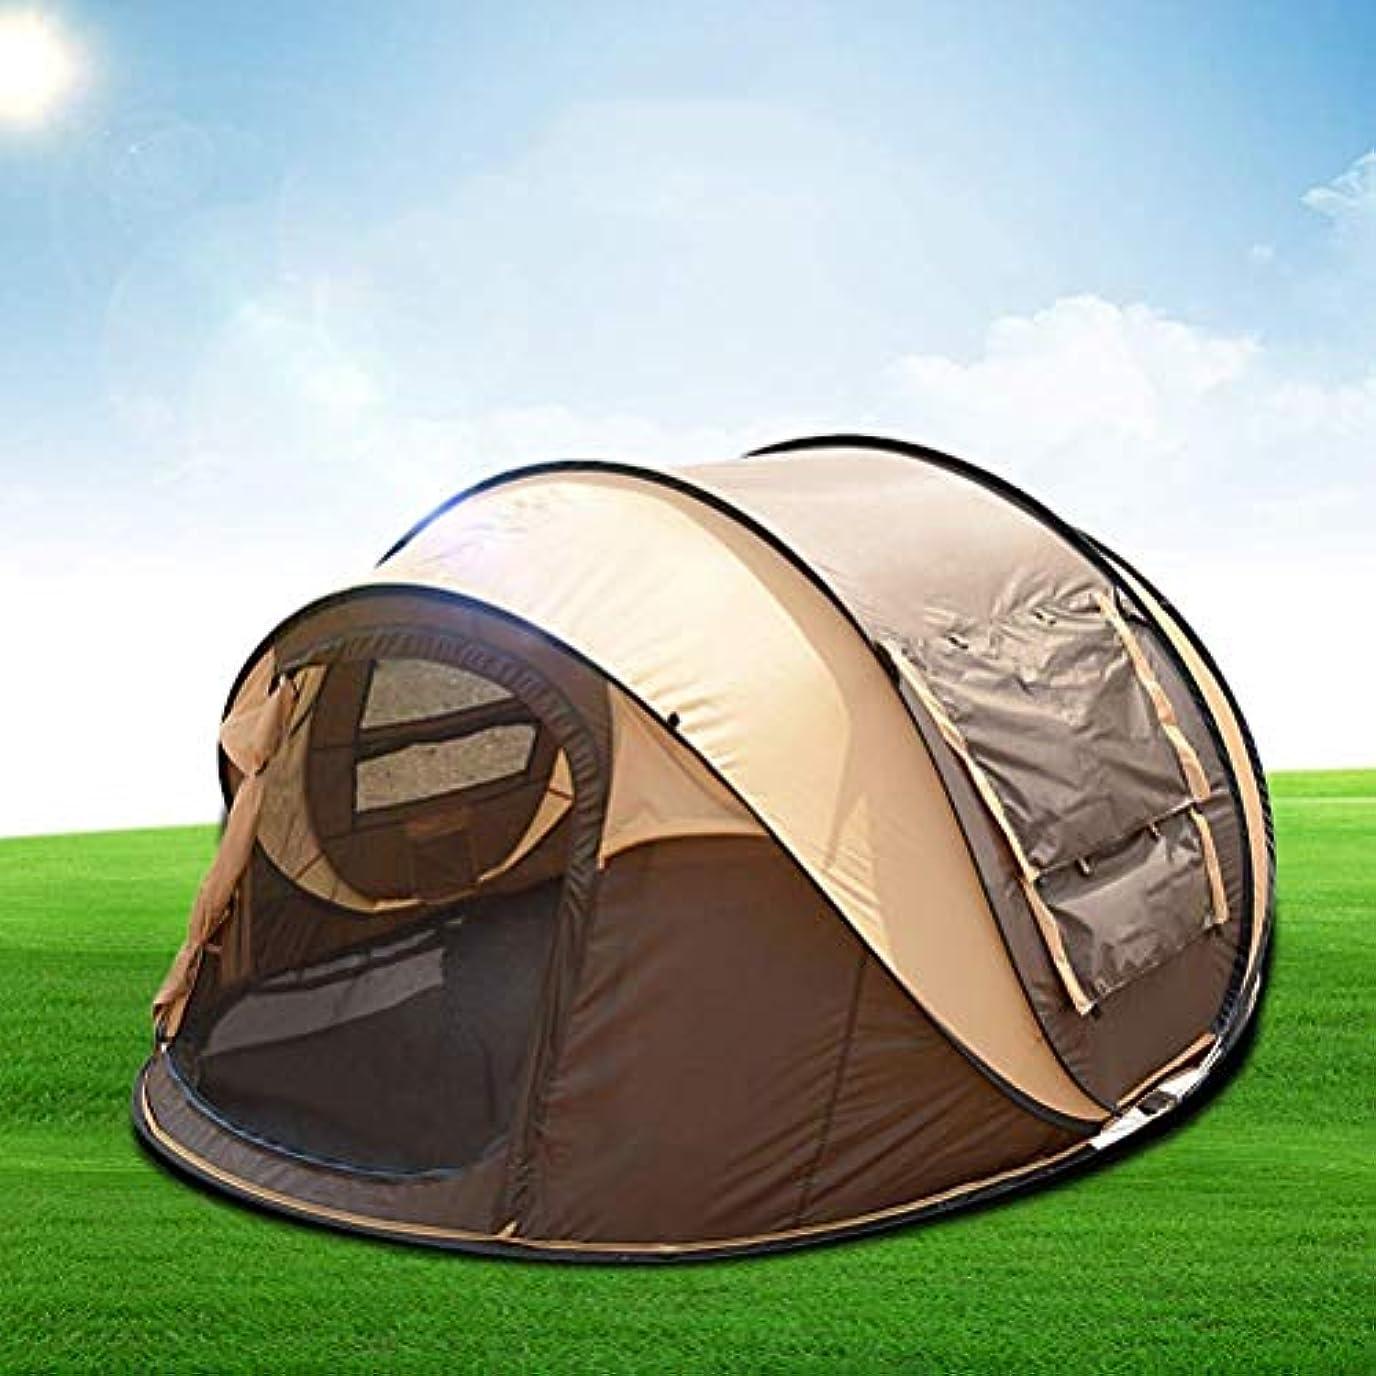 日食急いで座標大きい防水ドームのテントのテントのウルトラ、屋外のハイキング釣のための地面シートの紫外線保護されたキャンプのビーチの日曜日の避難所で縫われる100%の防水家族のキャンプテント